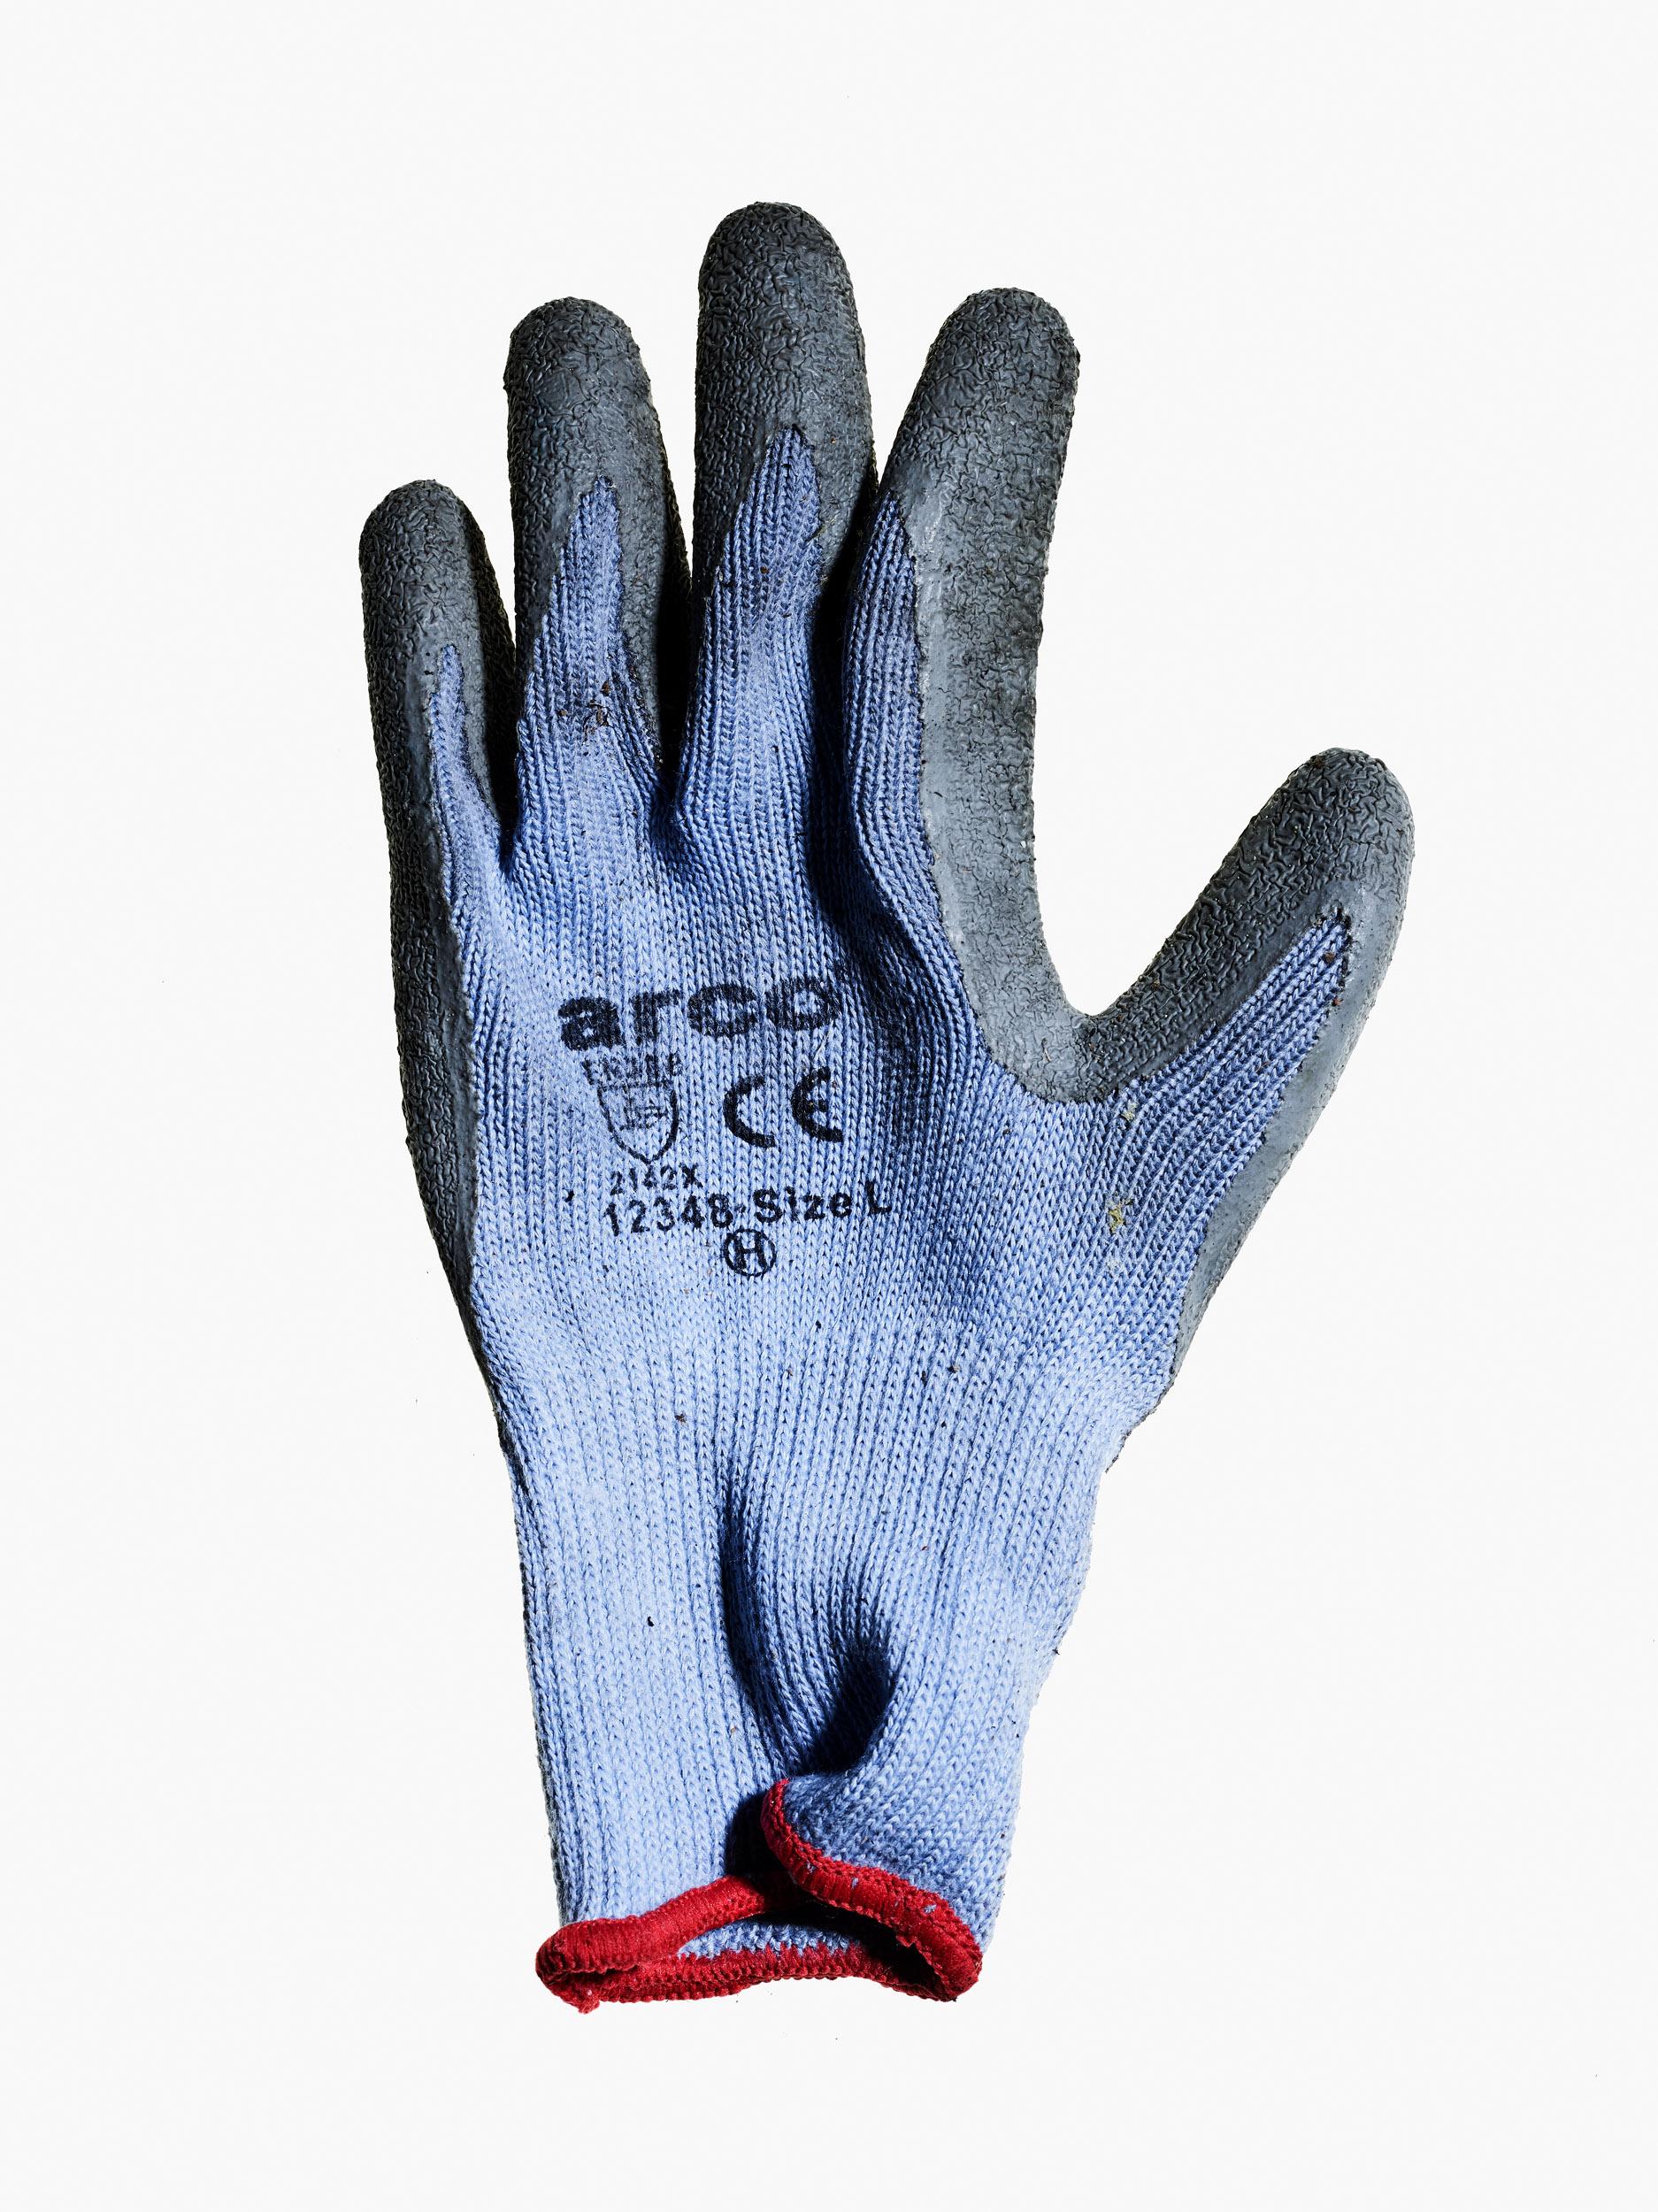 20190321 Gloves-2679.jpg